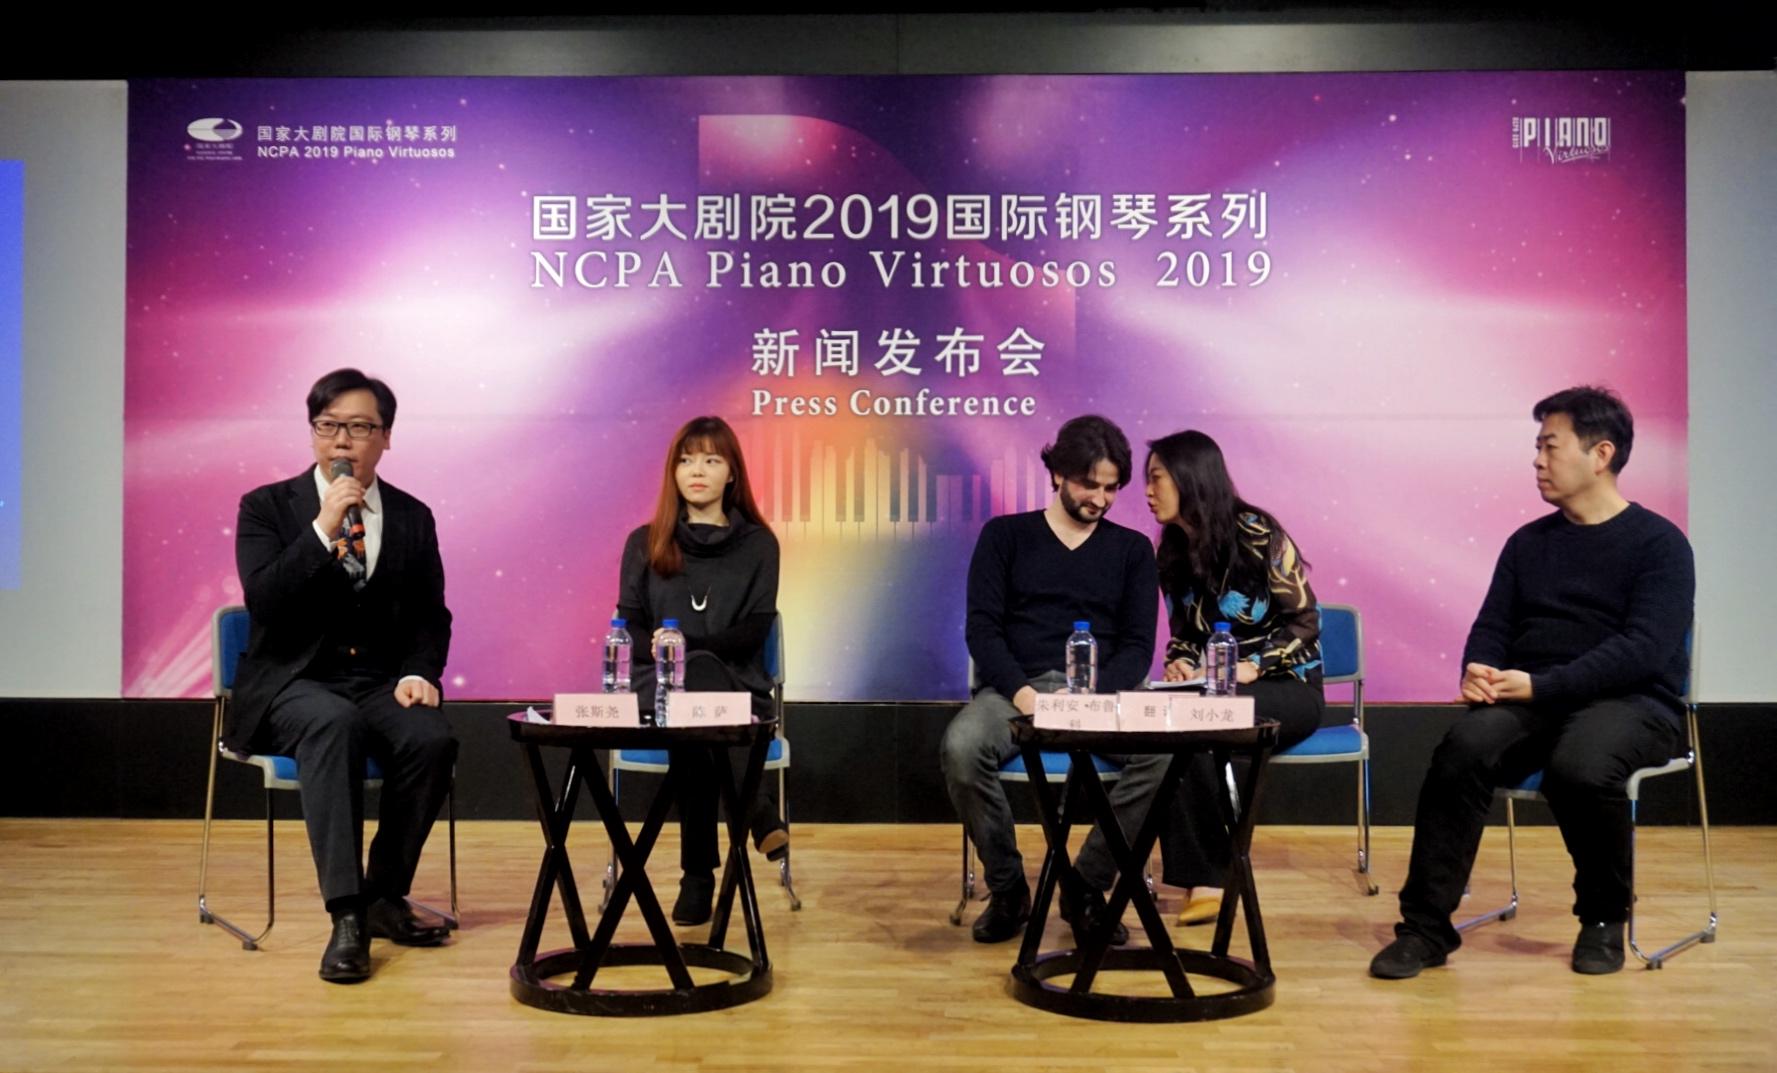 2019国际钢琴系列即将耀眼启航 新增全新板块打造年度钢琴音乐盛事